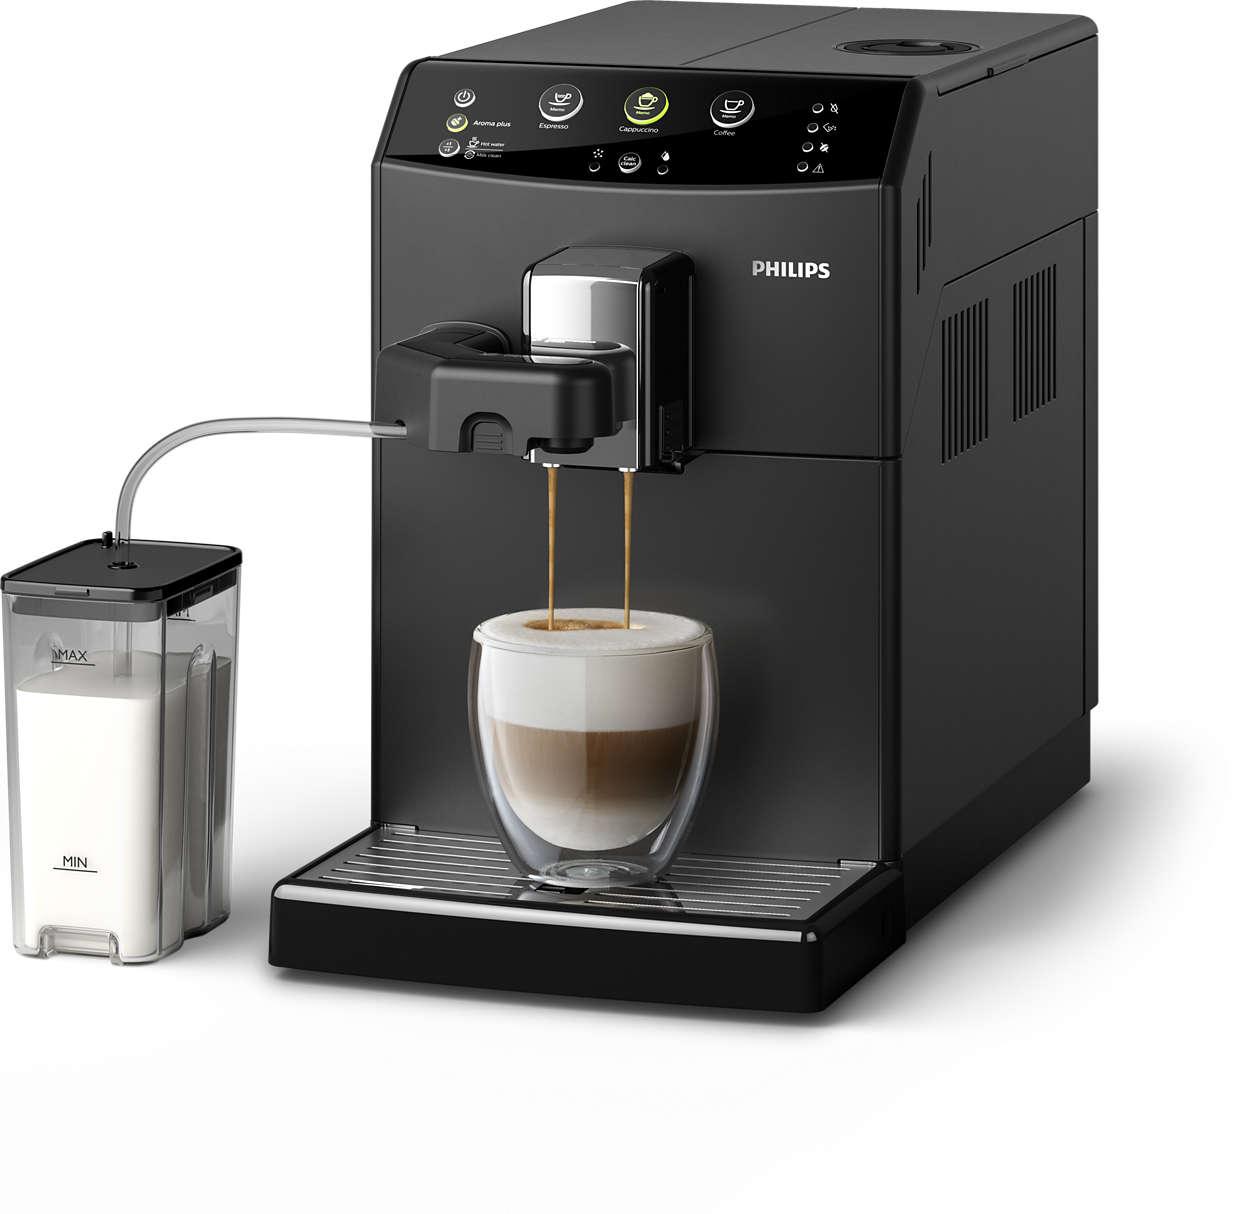 Il cappuccino che ami, con un solo tocco